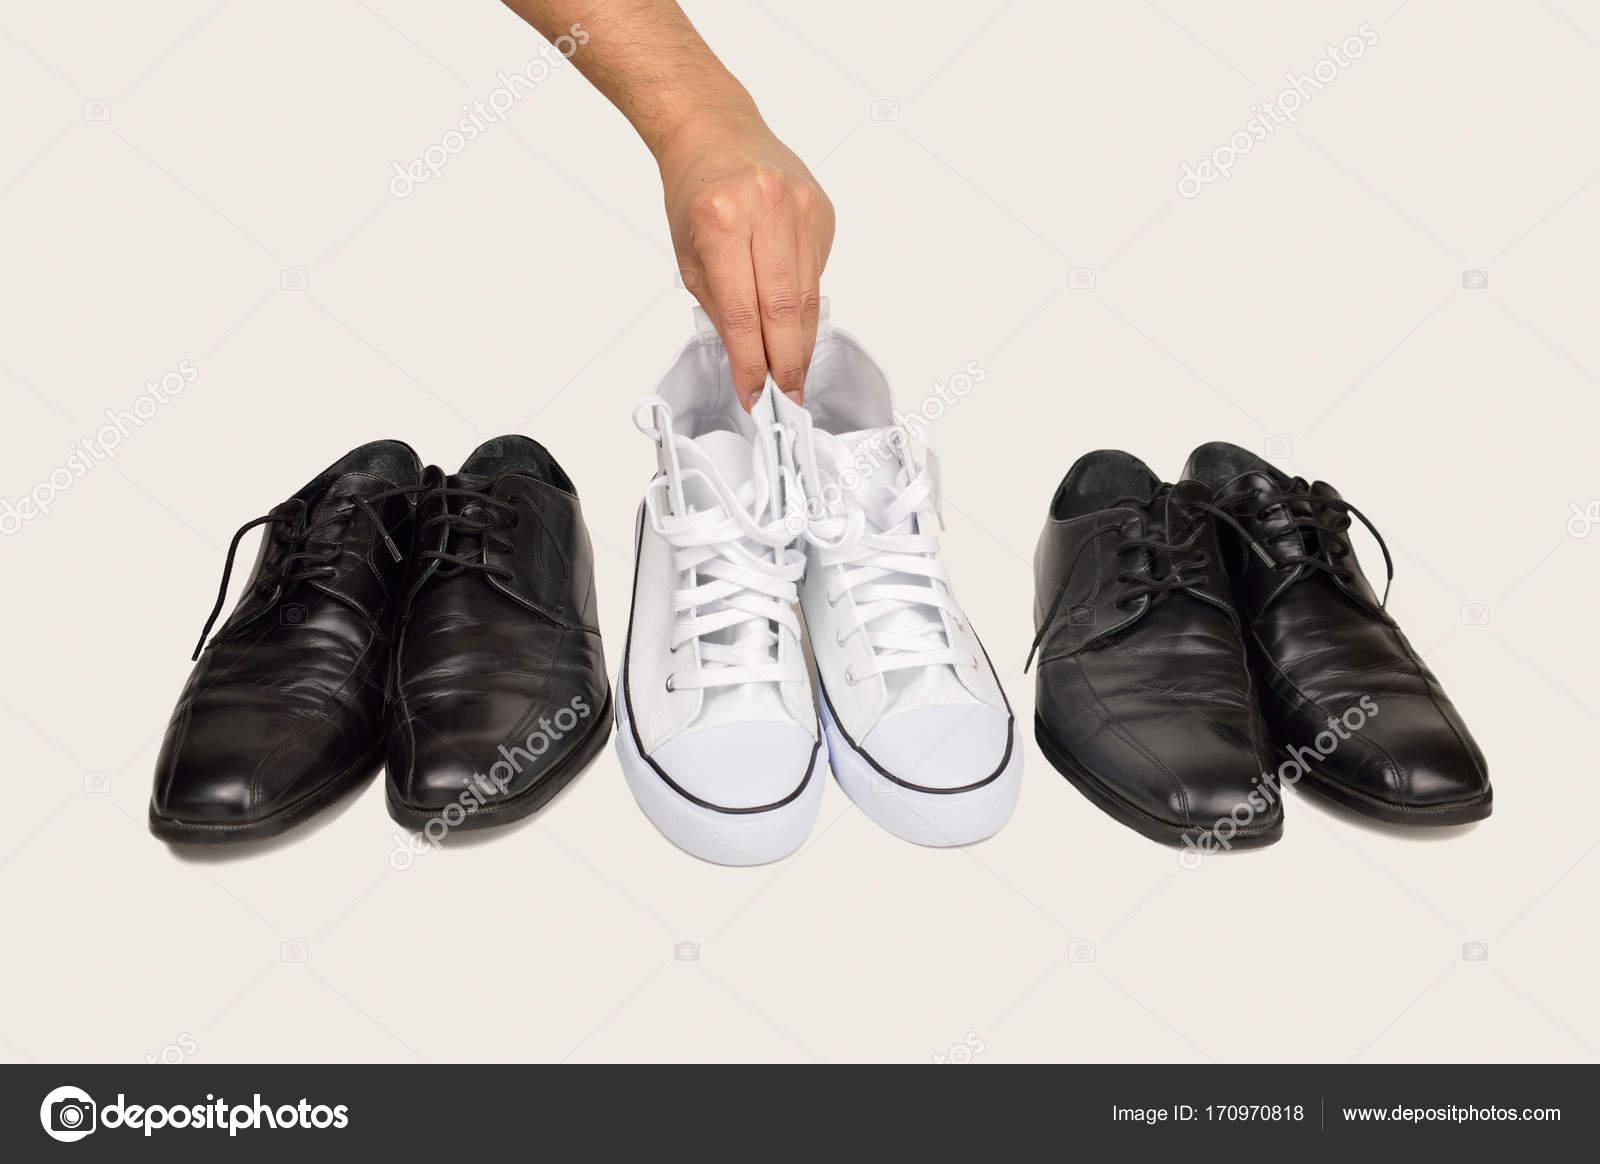 d5fc1a603867fb Schuhe für jeden Anlass — Stockfoto © cunaplus  170970818